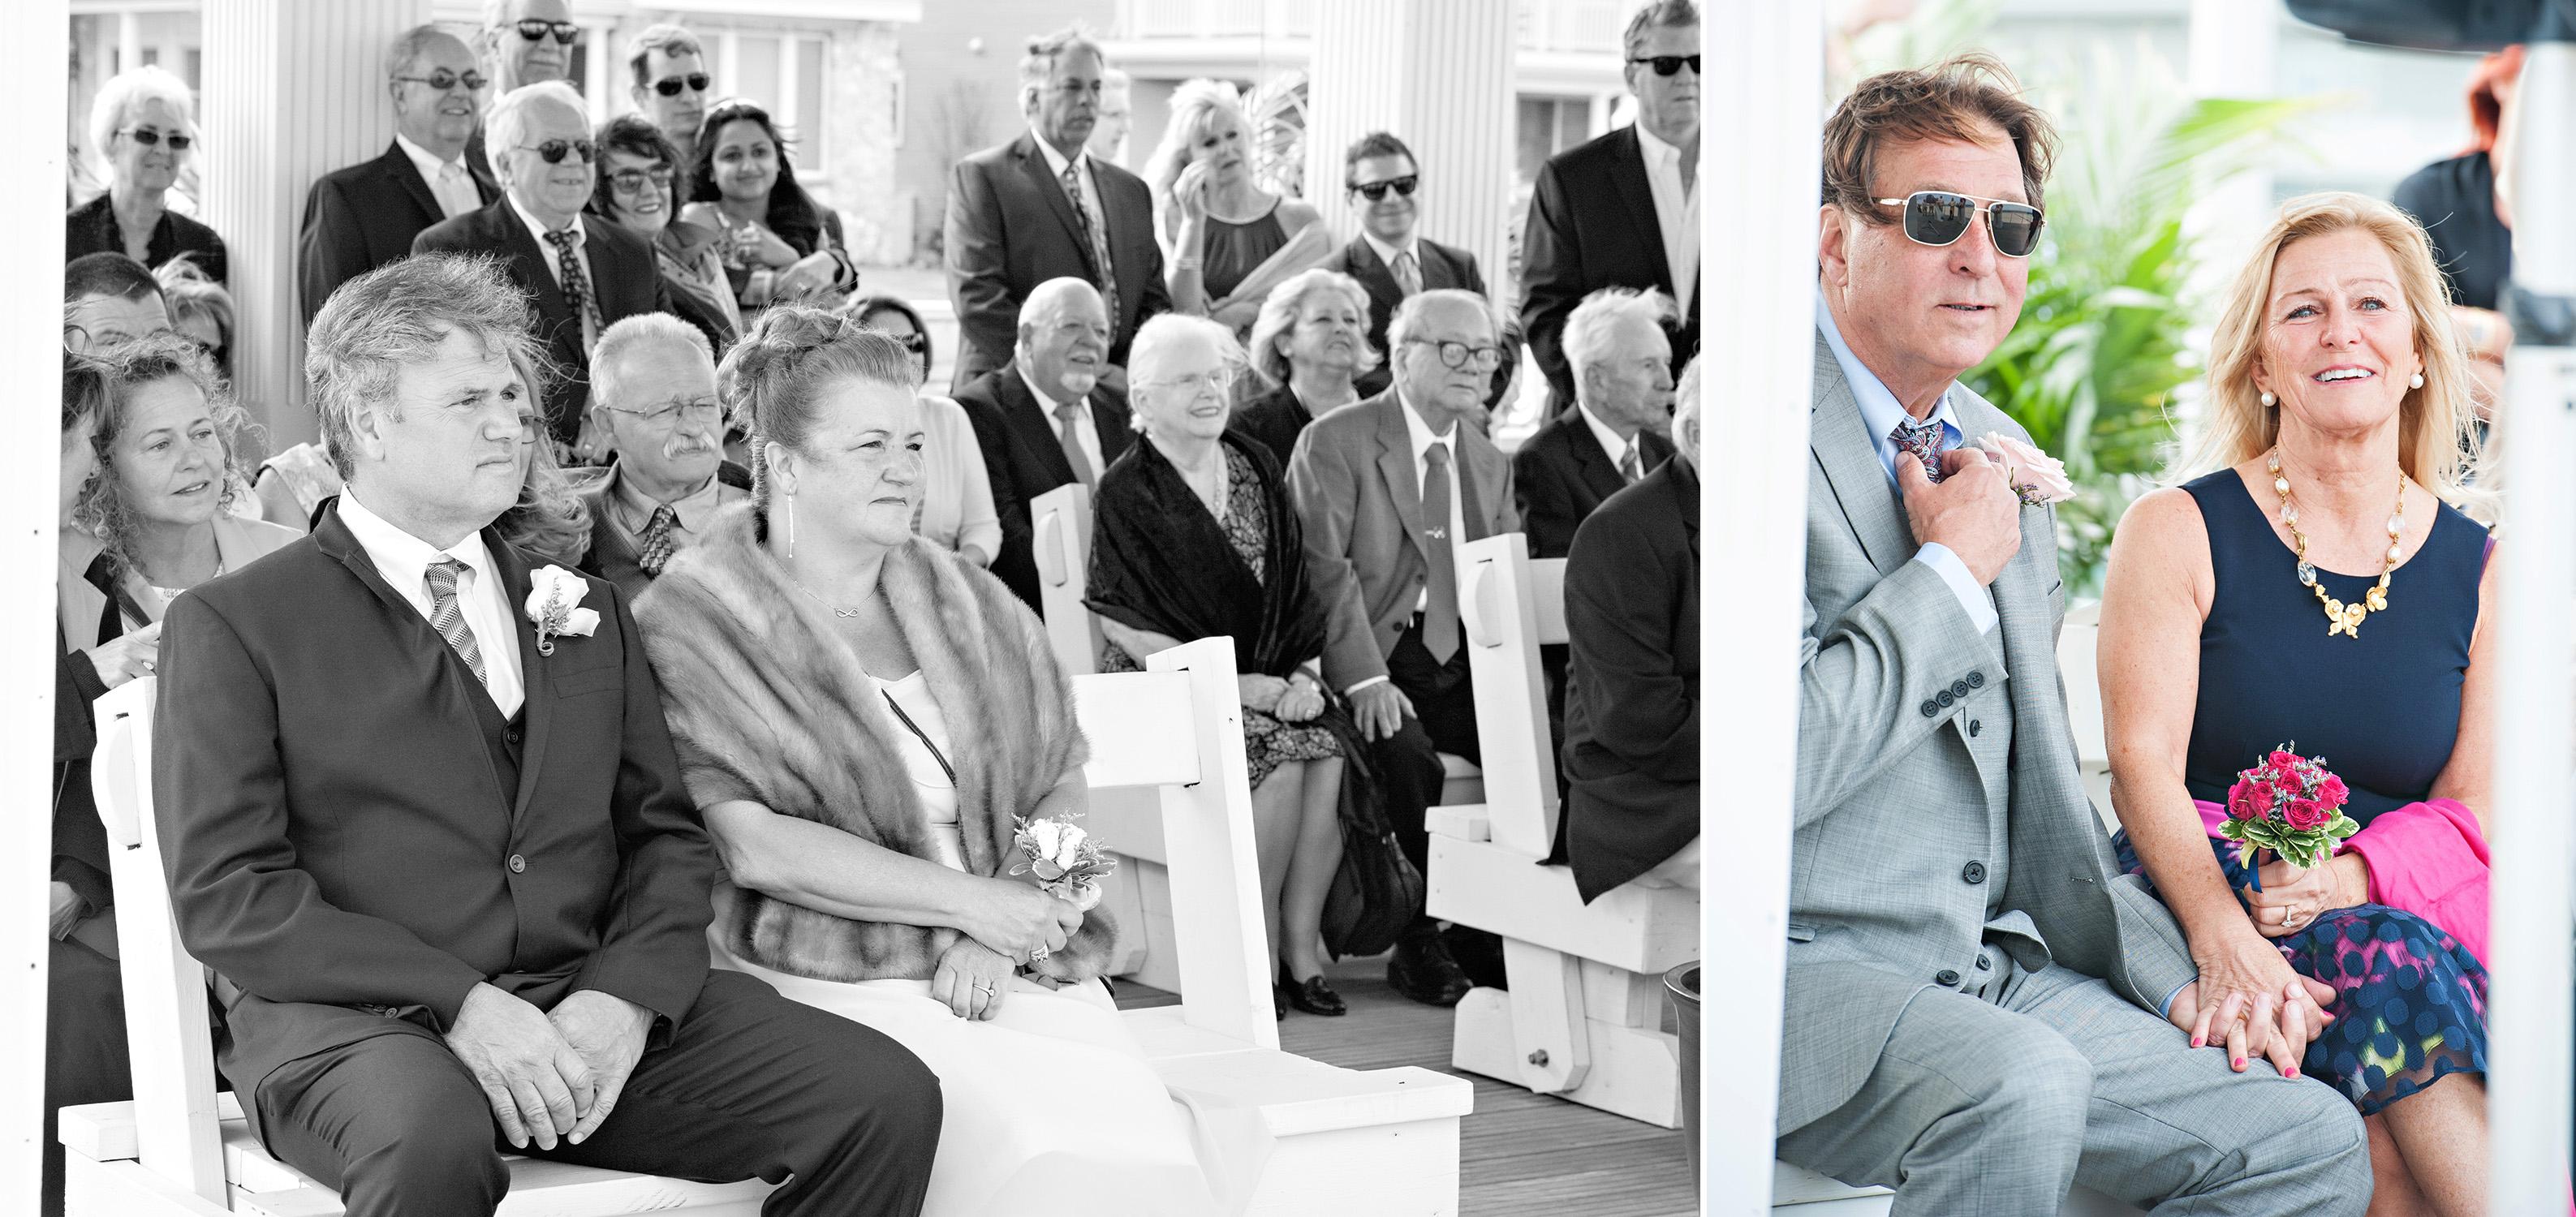 24-Sara Stadtmiller-SRS-Photography-Asbury-Park-Wedding-Photographer-Monmouth-County-Wedding-Photographer-NJ-Wedding-Photographer-Avon-by-the-Sea-Wedding-The-Columns-Wedding